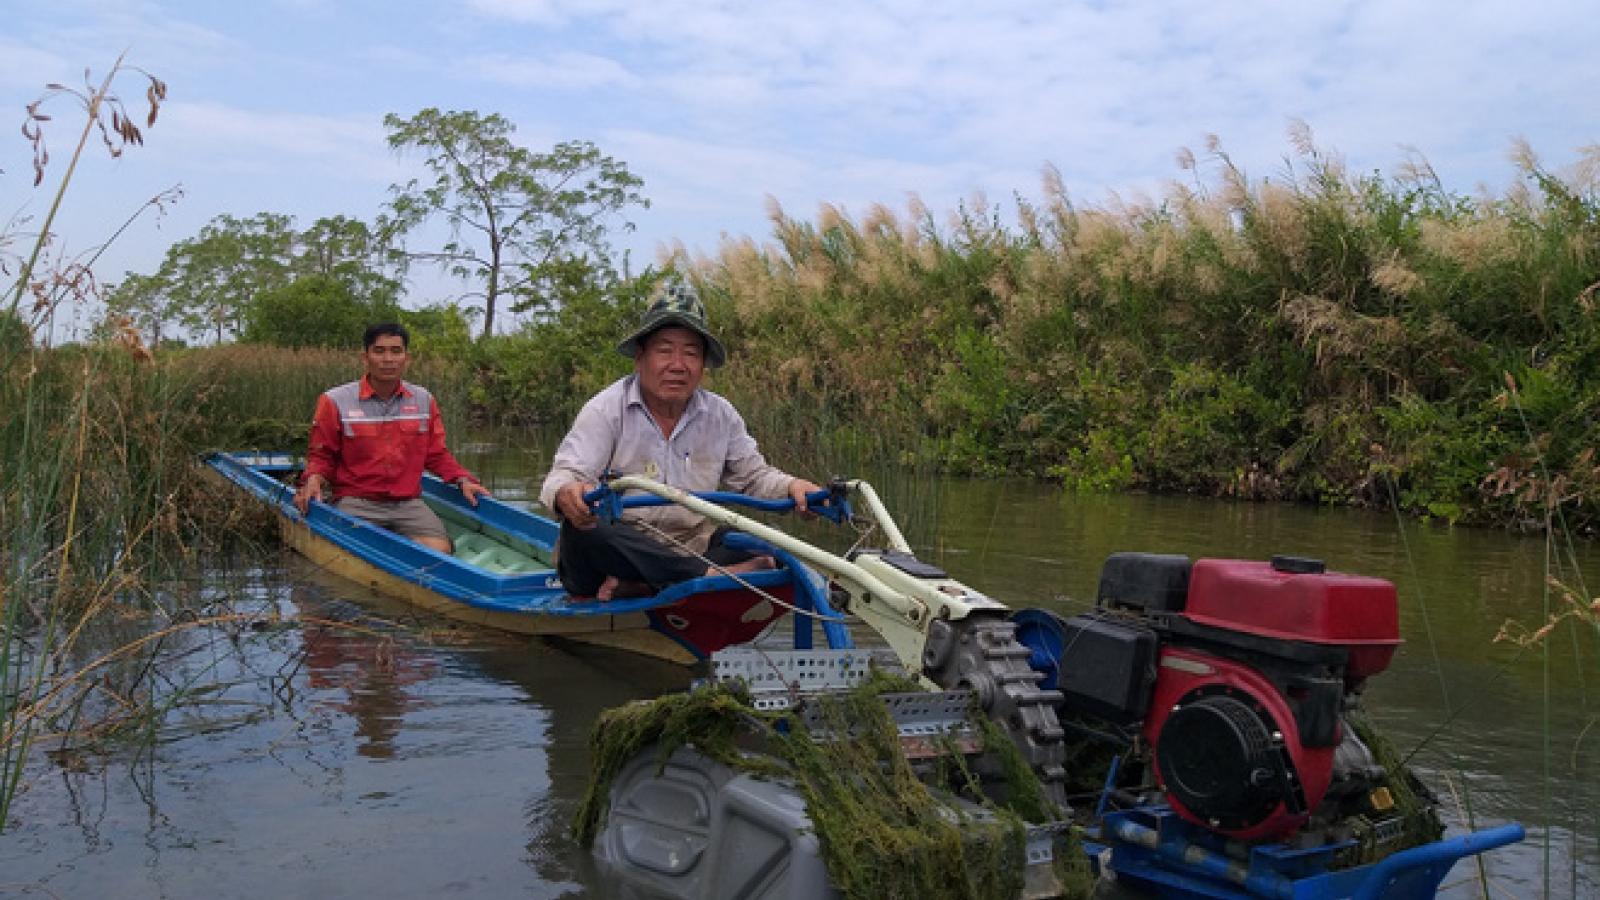 Lão nông Nguyễn Văn Rô và chiếc máy cày phao nổi